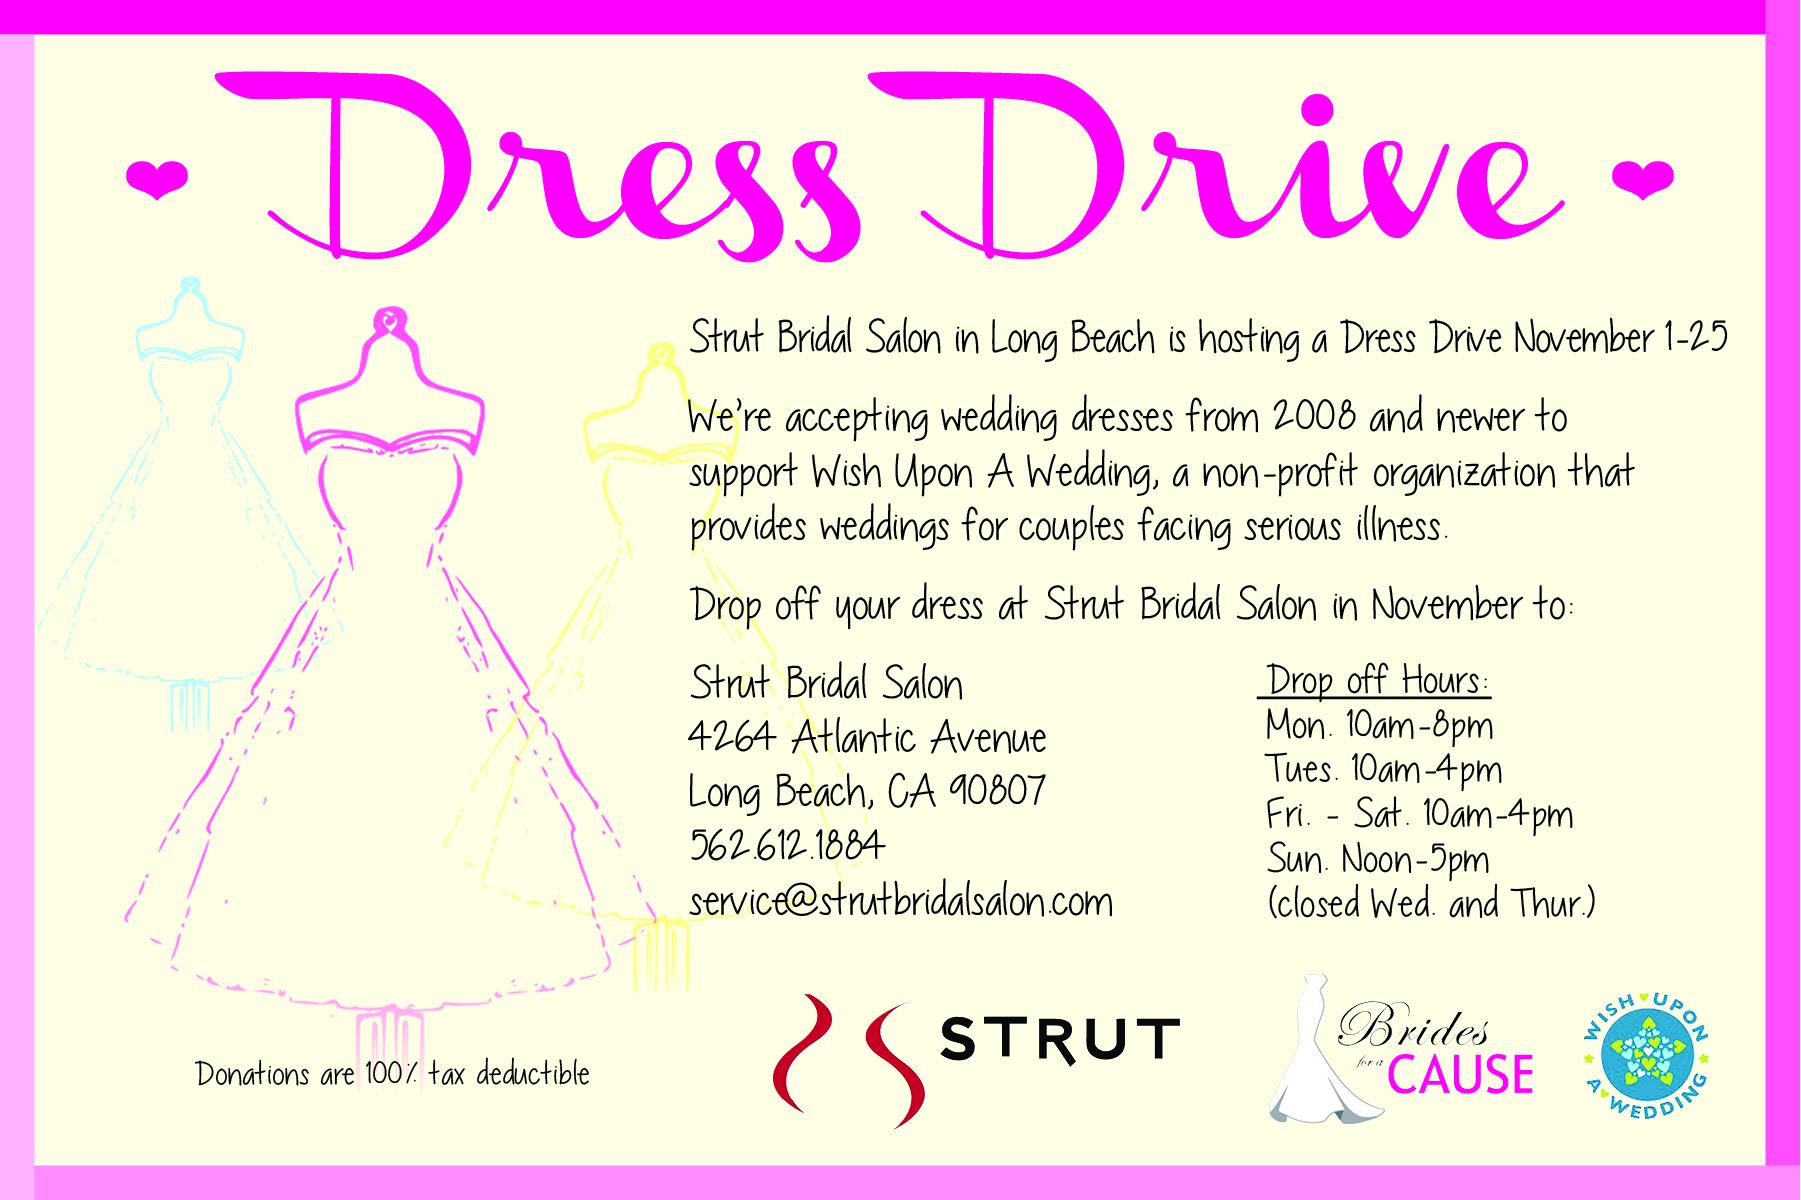 Wedding Dresses Donations 96Wedding Dresses Donations   High Cut Wedding Dresses. Donating Wedding Dresses. Home Design Ideas